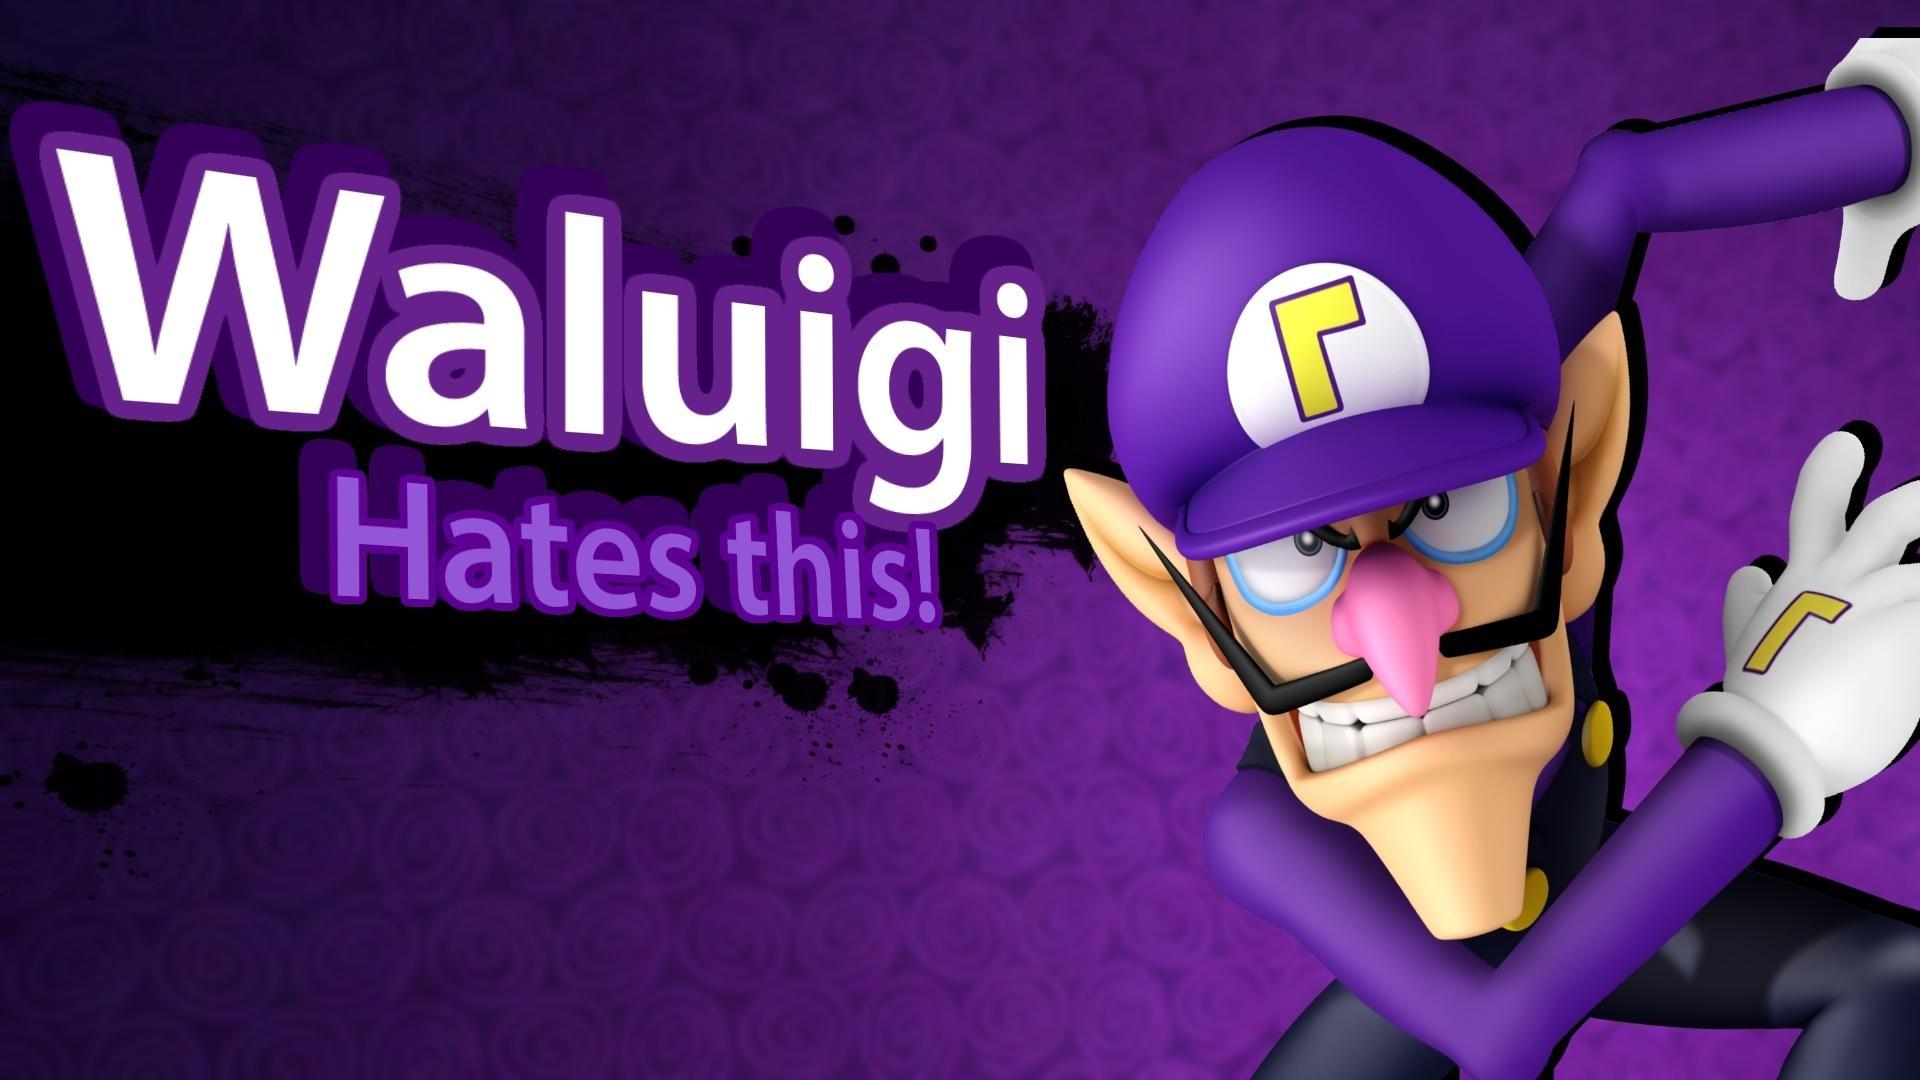 Waluigi hates this | Super Smash Bros. 4 Character Announcement Parodies |  Know Your Meme